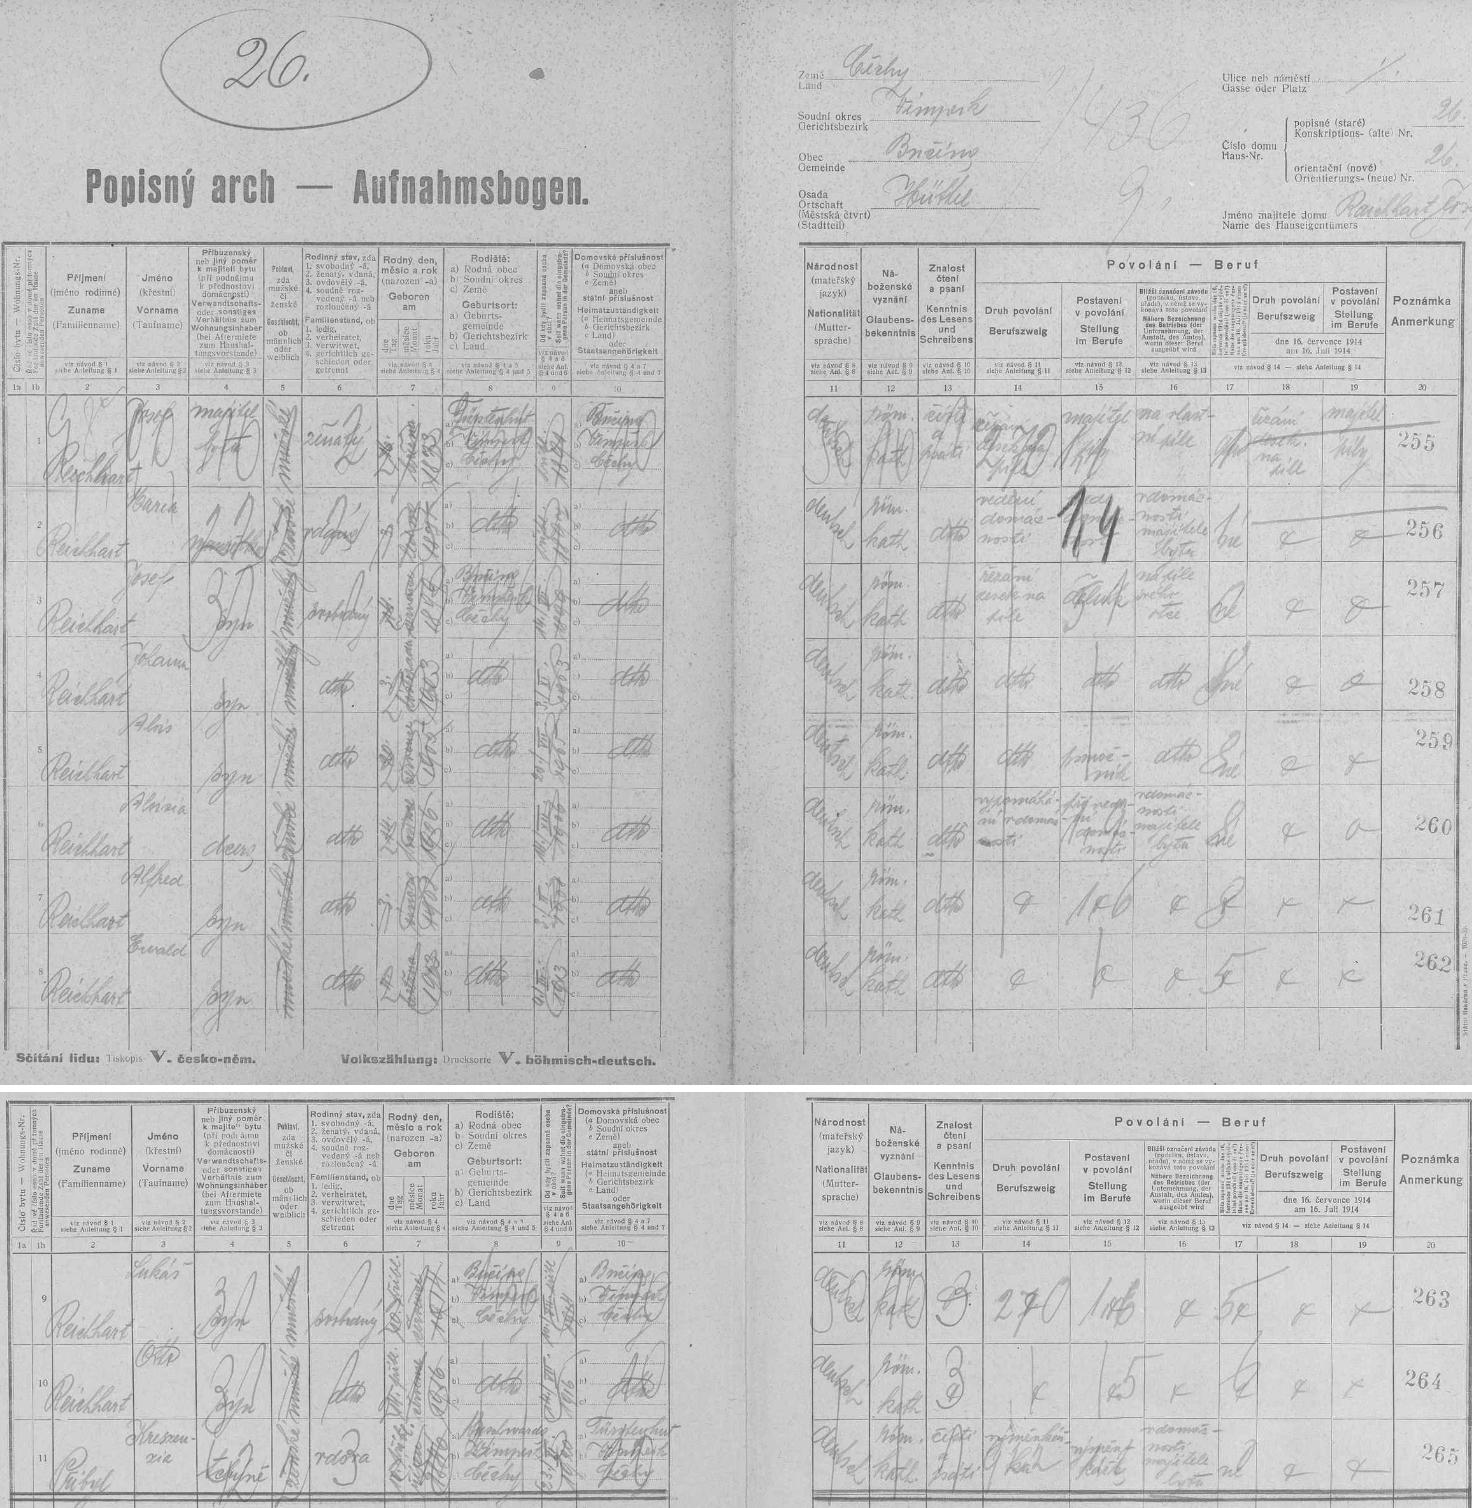 Dva archy sčítání lidu z roku 1921 pro pilu dědečka Reicharta, stavení čp. 26, kde se Johann Baier o 6 let později narodil